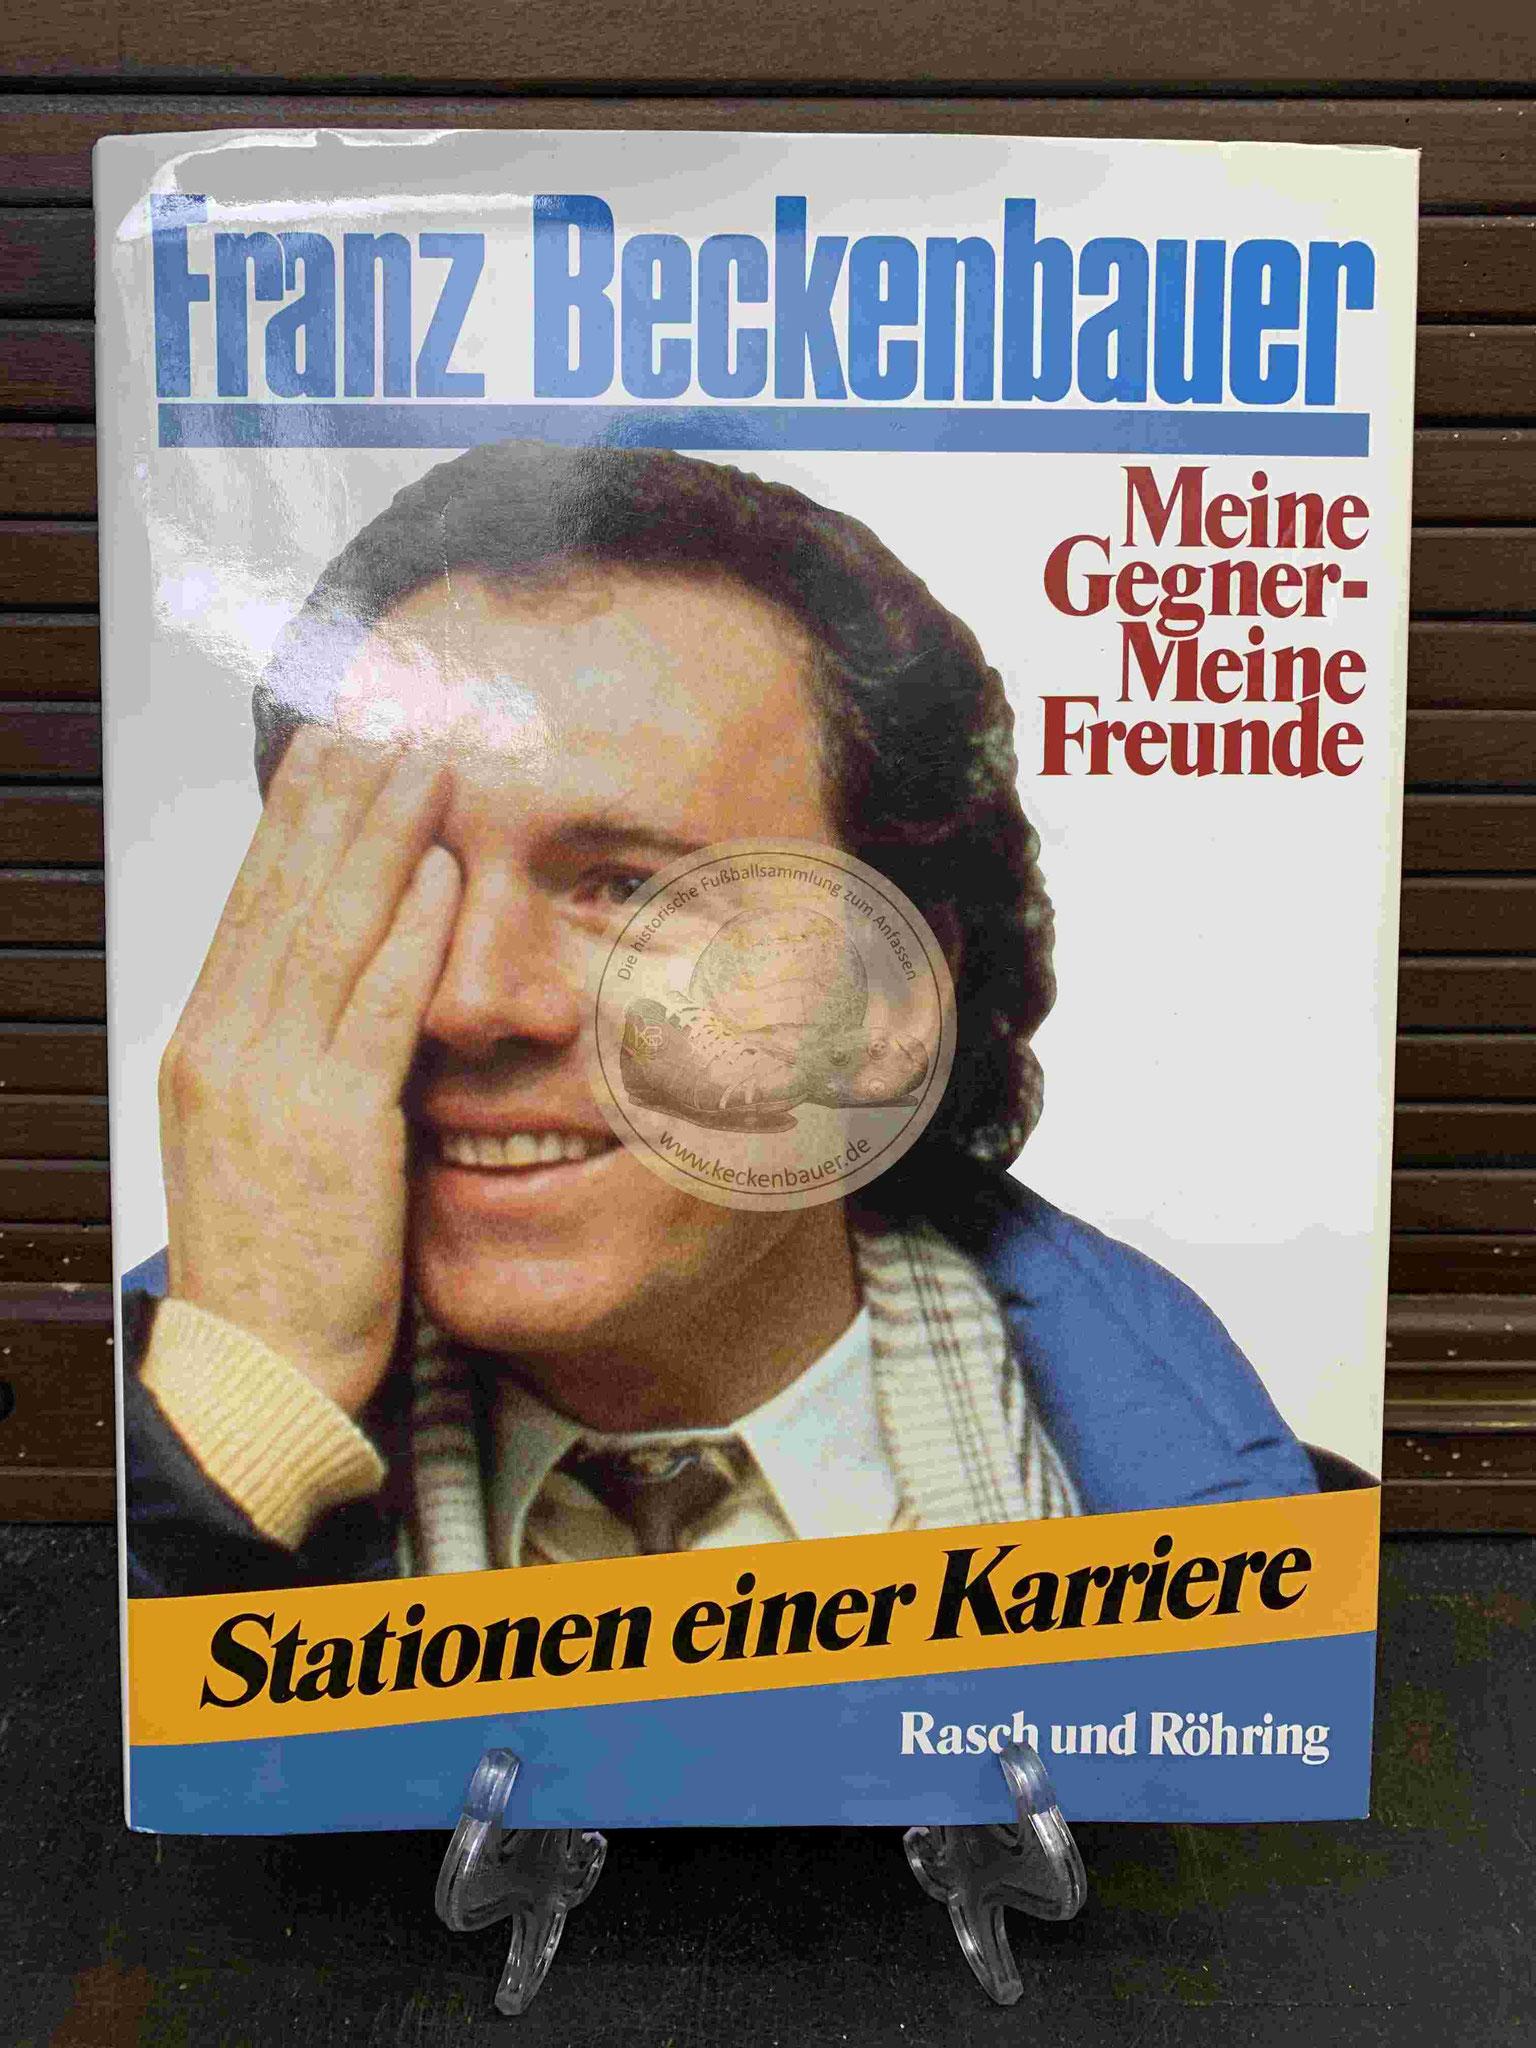 Franz Beckenbauer Meine Gegner - Meine Freunde aus dem Jahr 1987